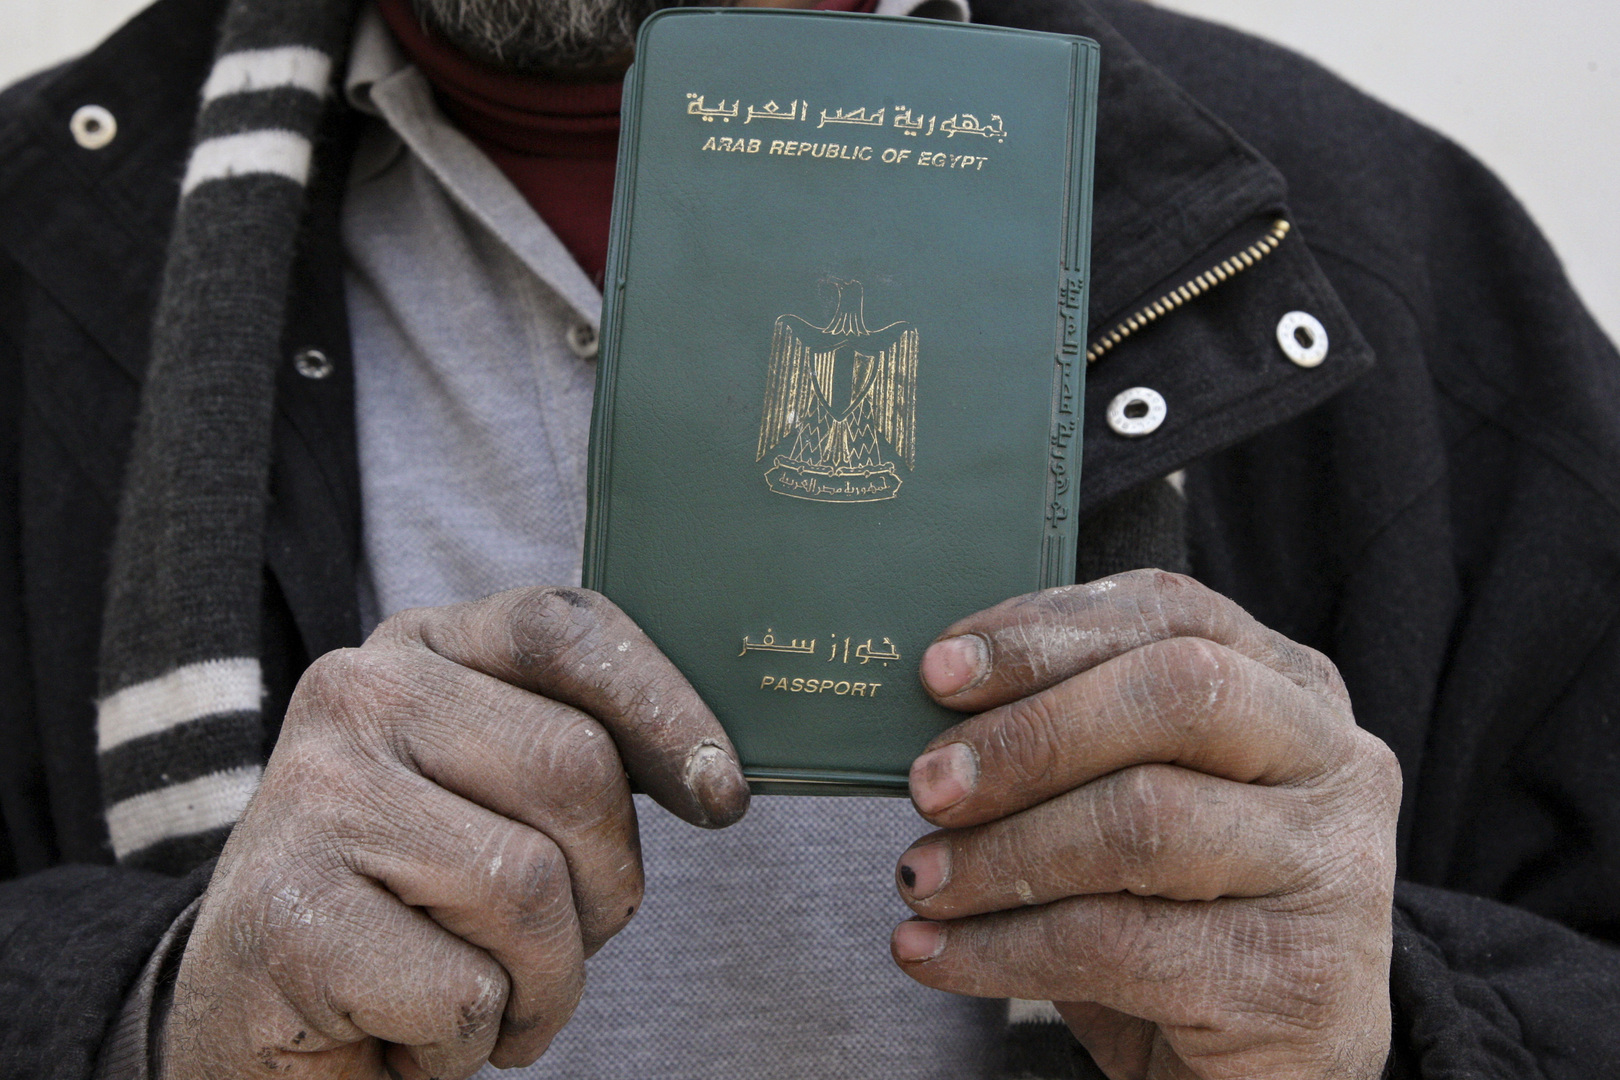 الموافقة على قانون منح الجنسية المصرية للأجانب في مصر.. أعلى تكلفة مليون دولار